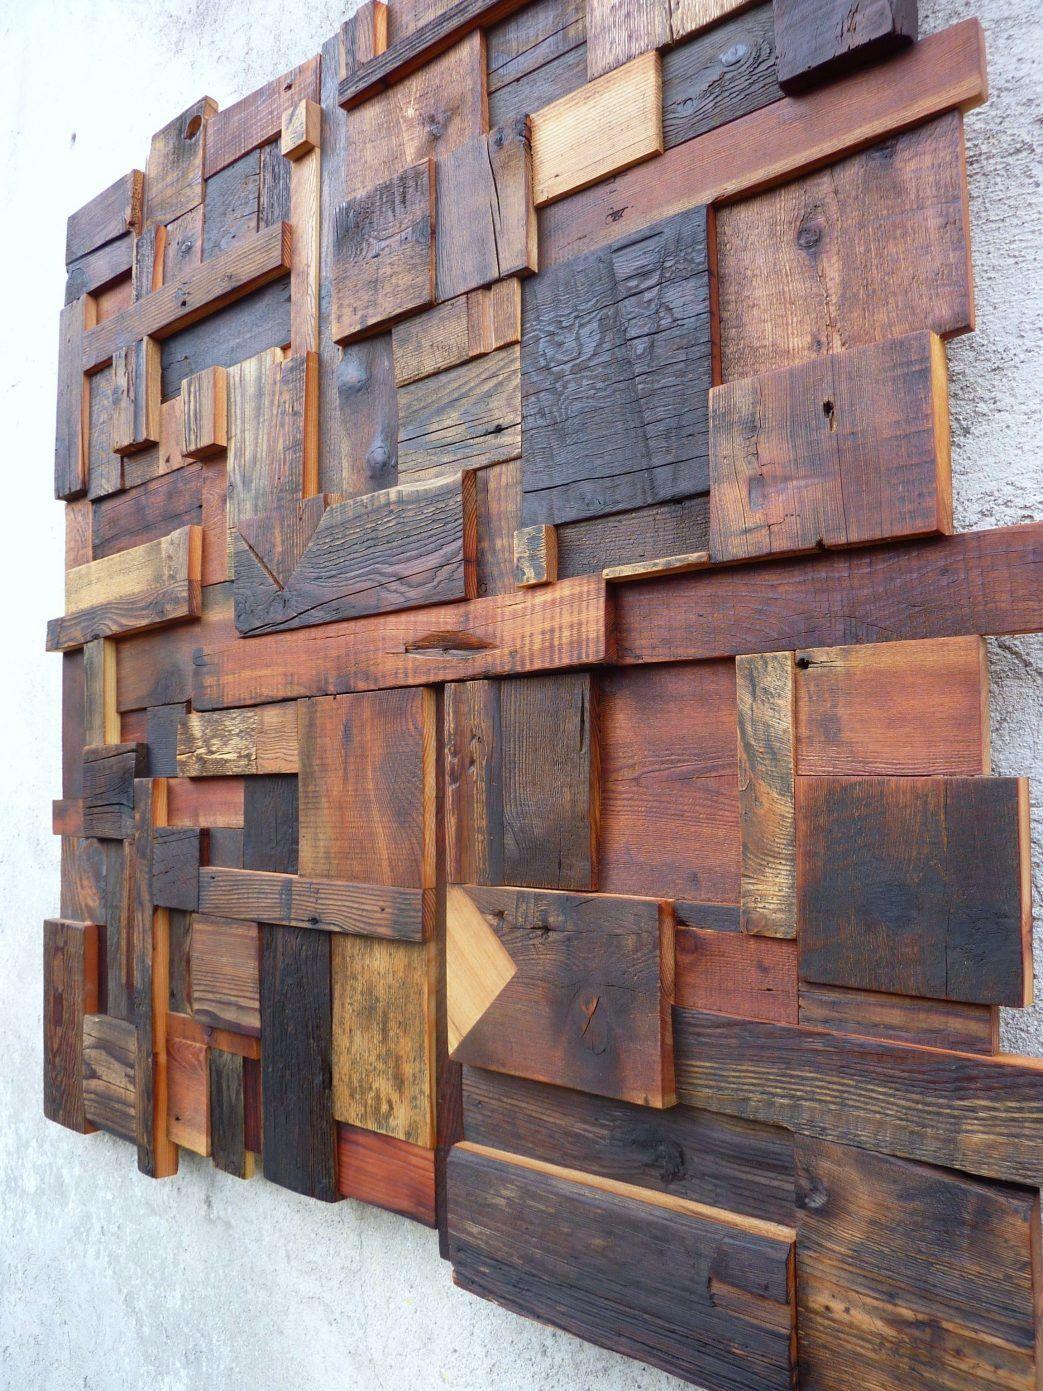 decoration murale composition abstraite en vieux bois